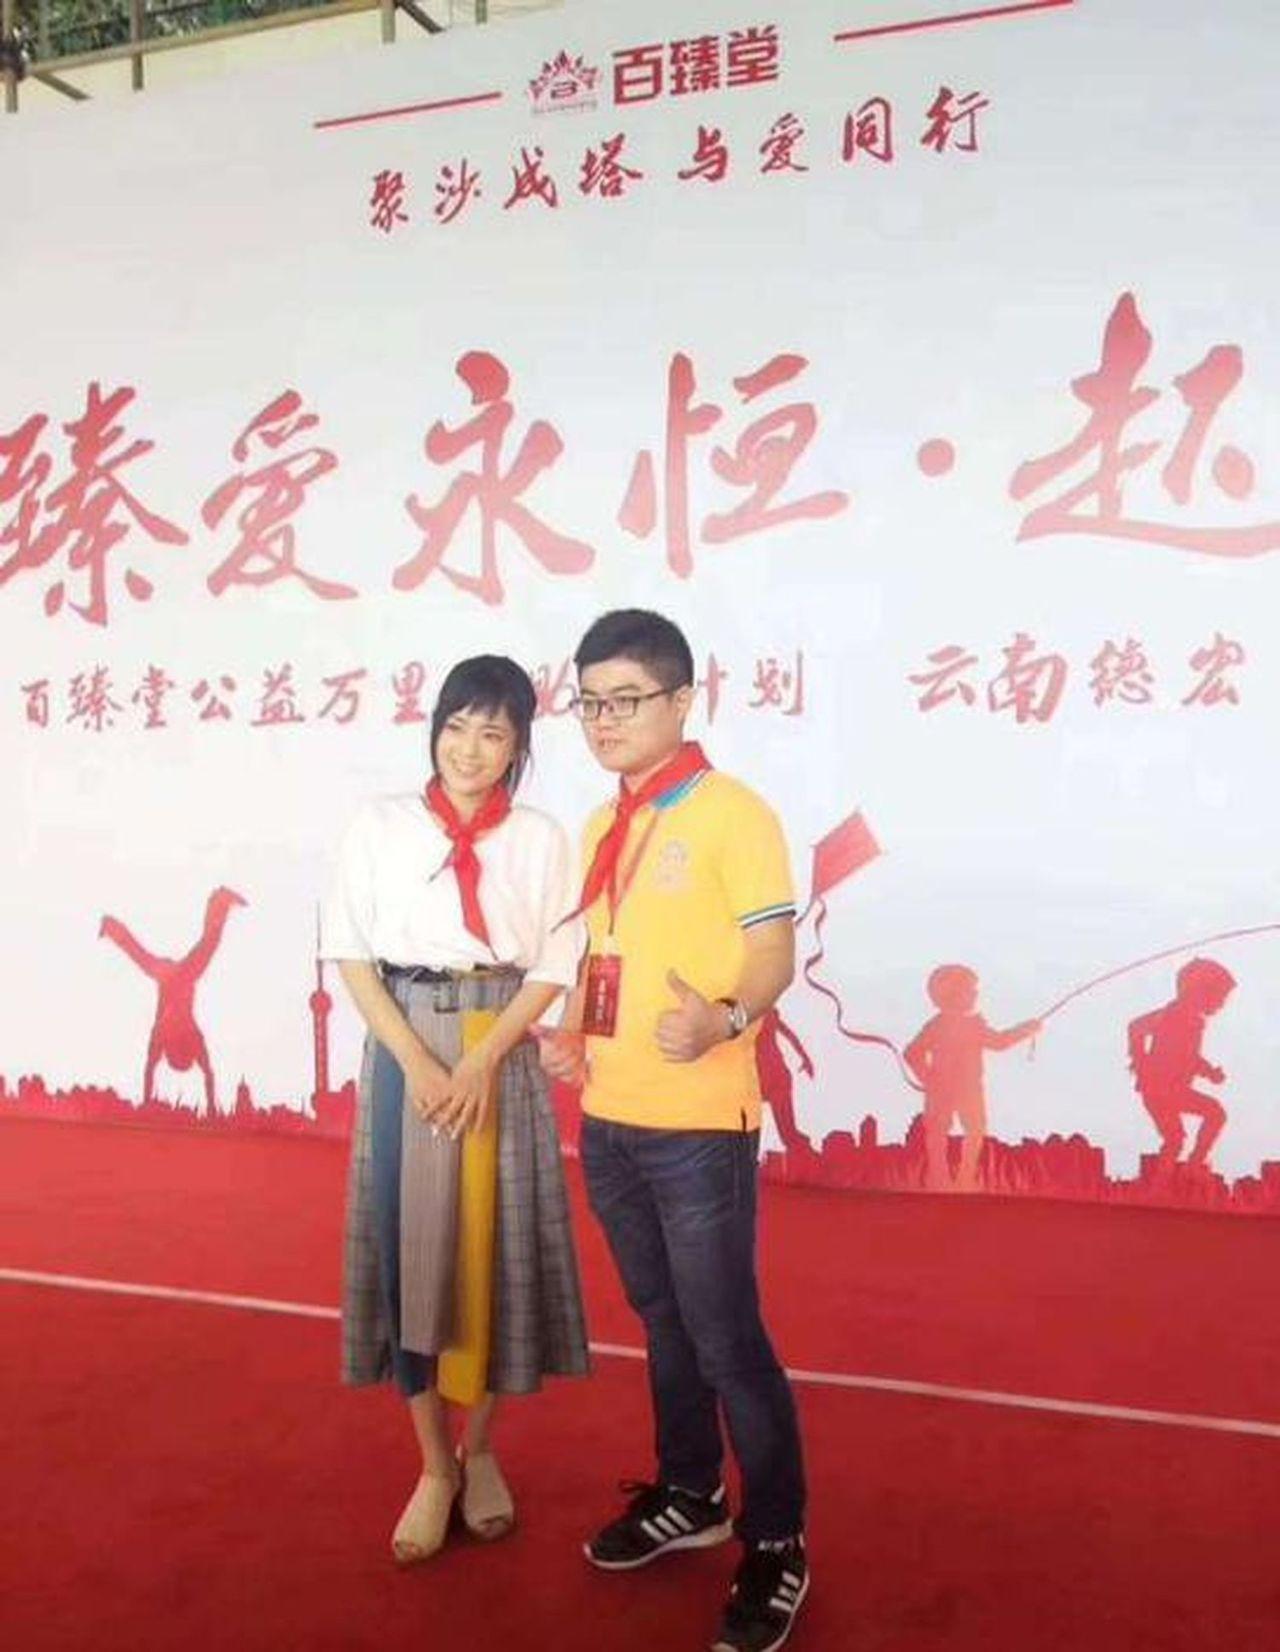 蒼井空(左)出席企業活動配戴紅領巾。(取材自微博)